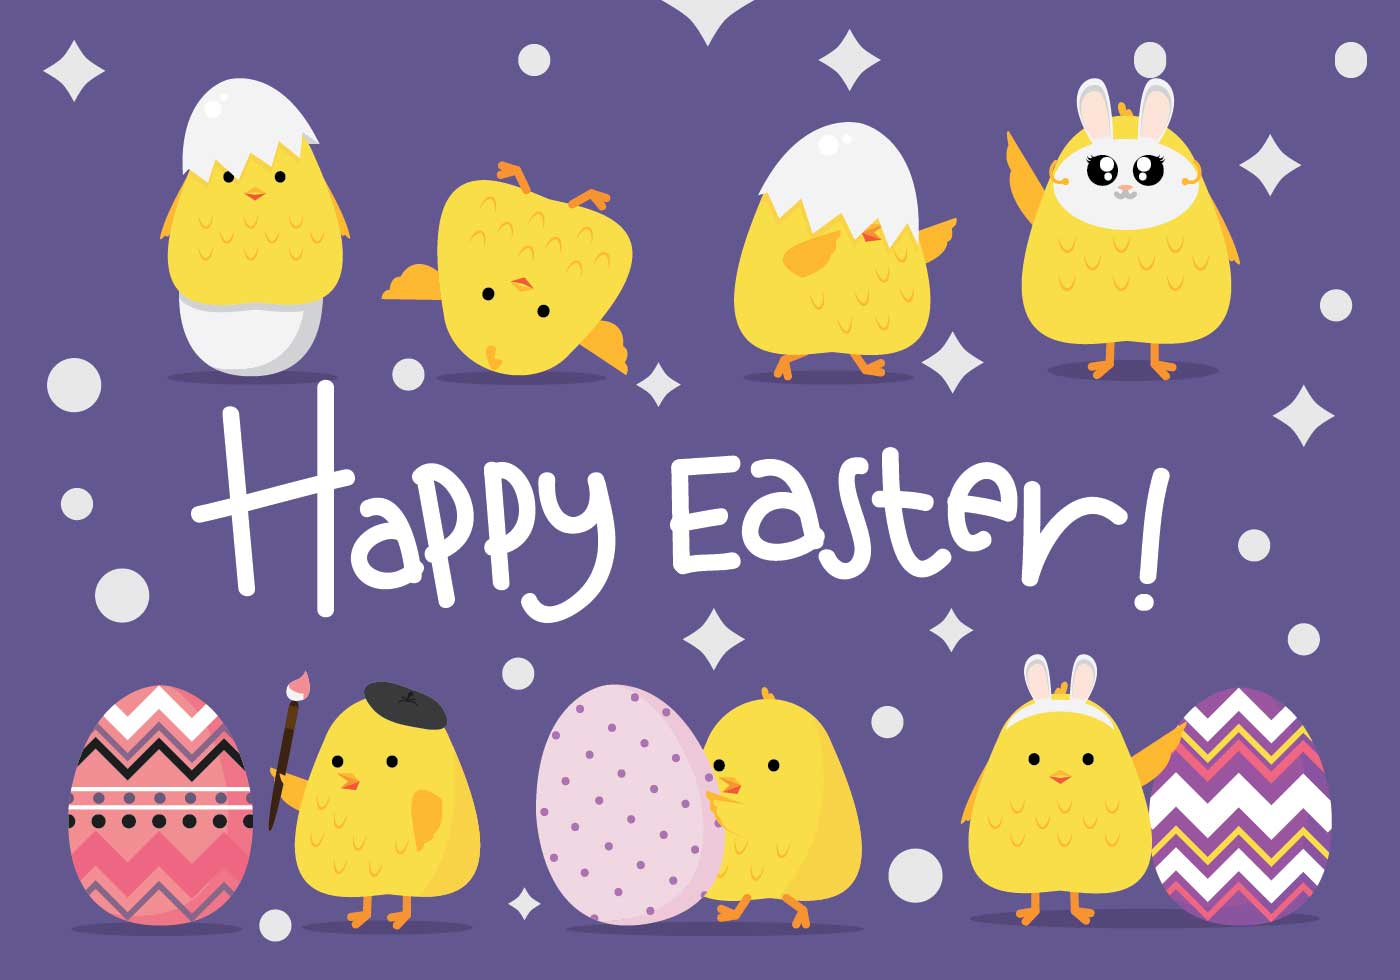 Funny Cute Easter Chick Vectors - Download Free Vectors ...